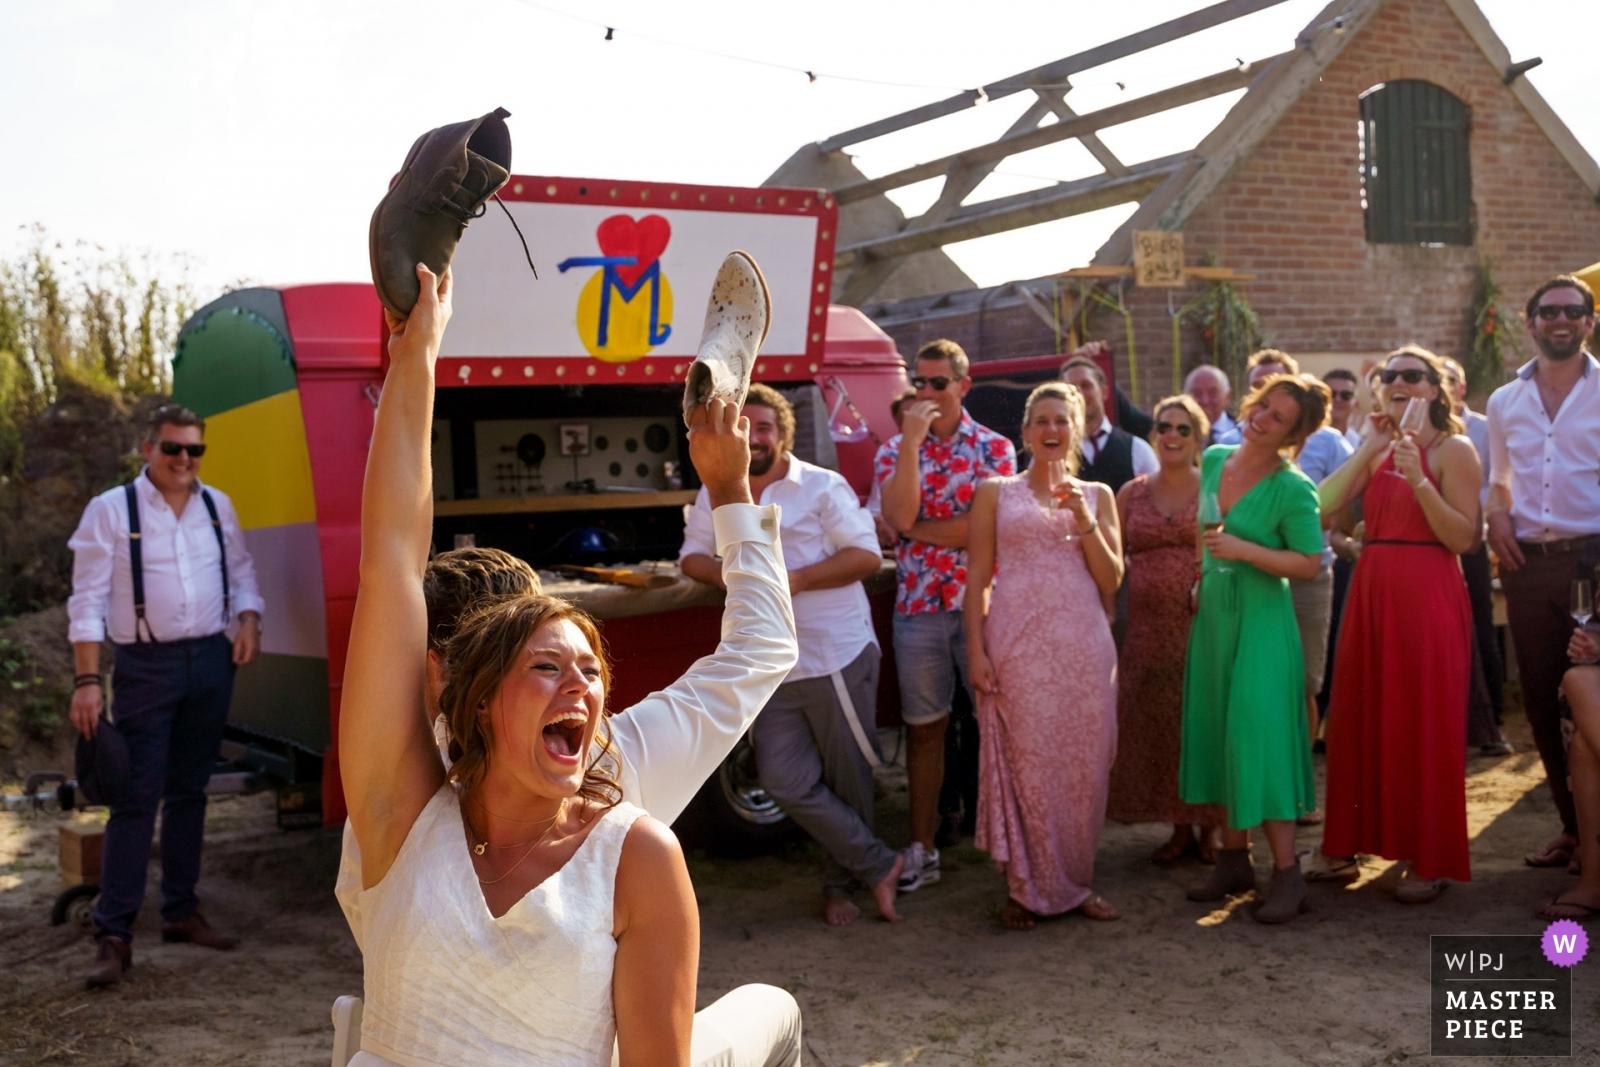 the shoe game - Overijssel, Netherlands Wedding Photography -    Voorthuizen - Netherlands